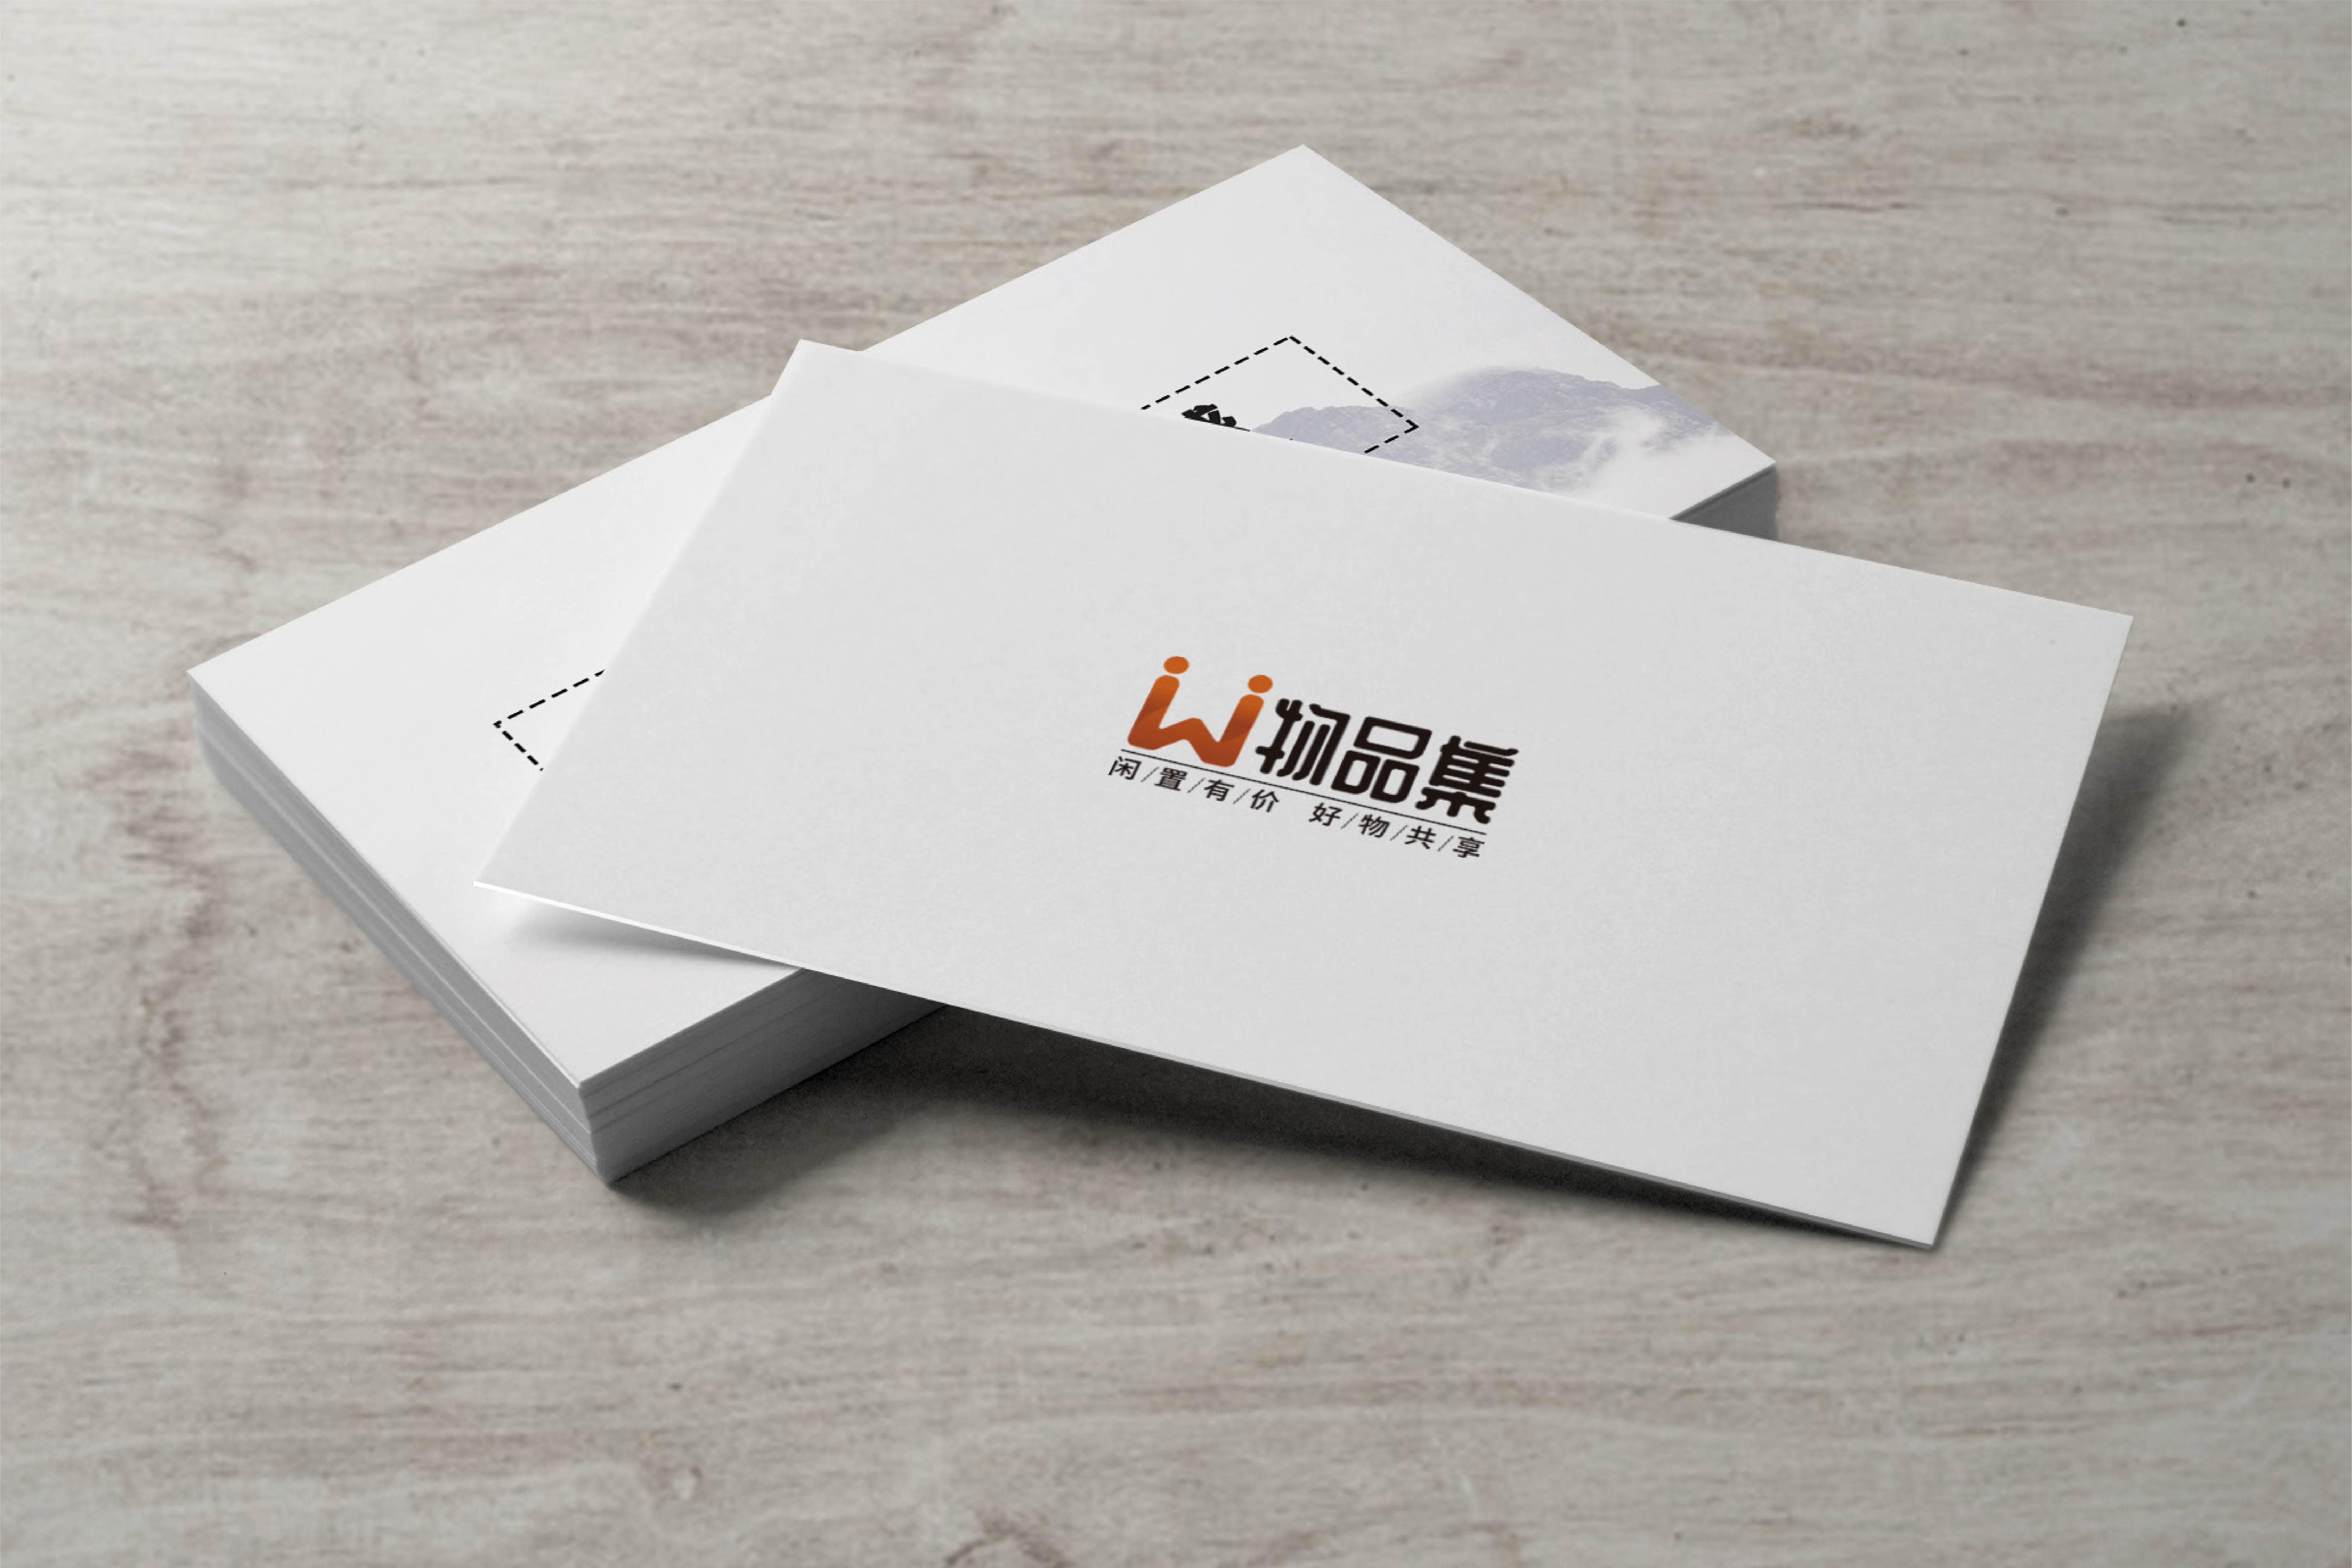 西安寻寓信息科技有限公司4